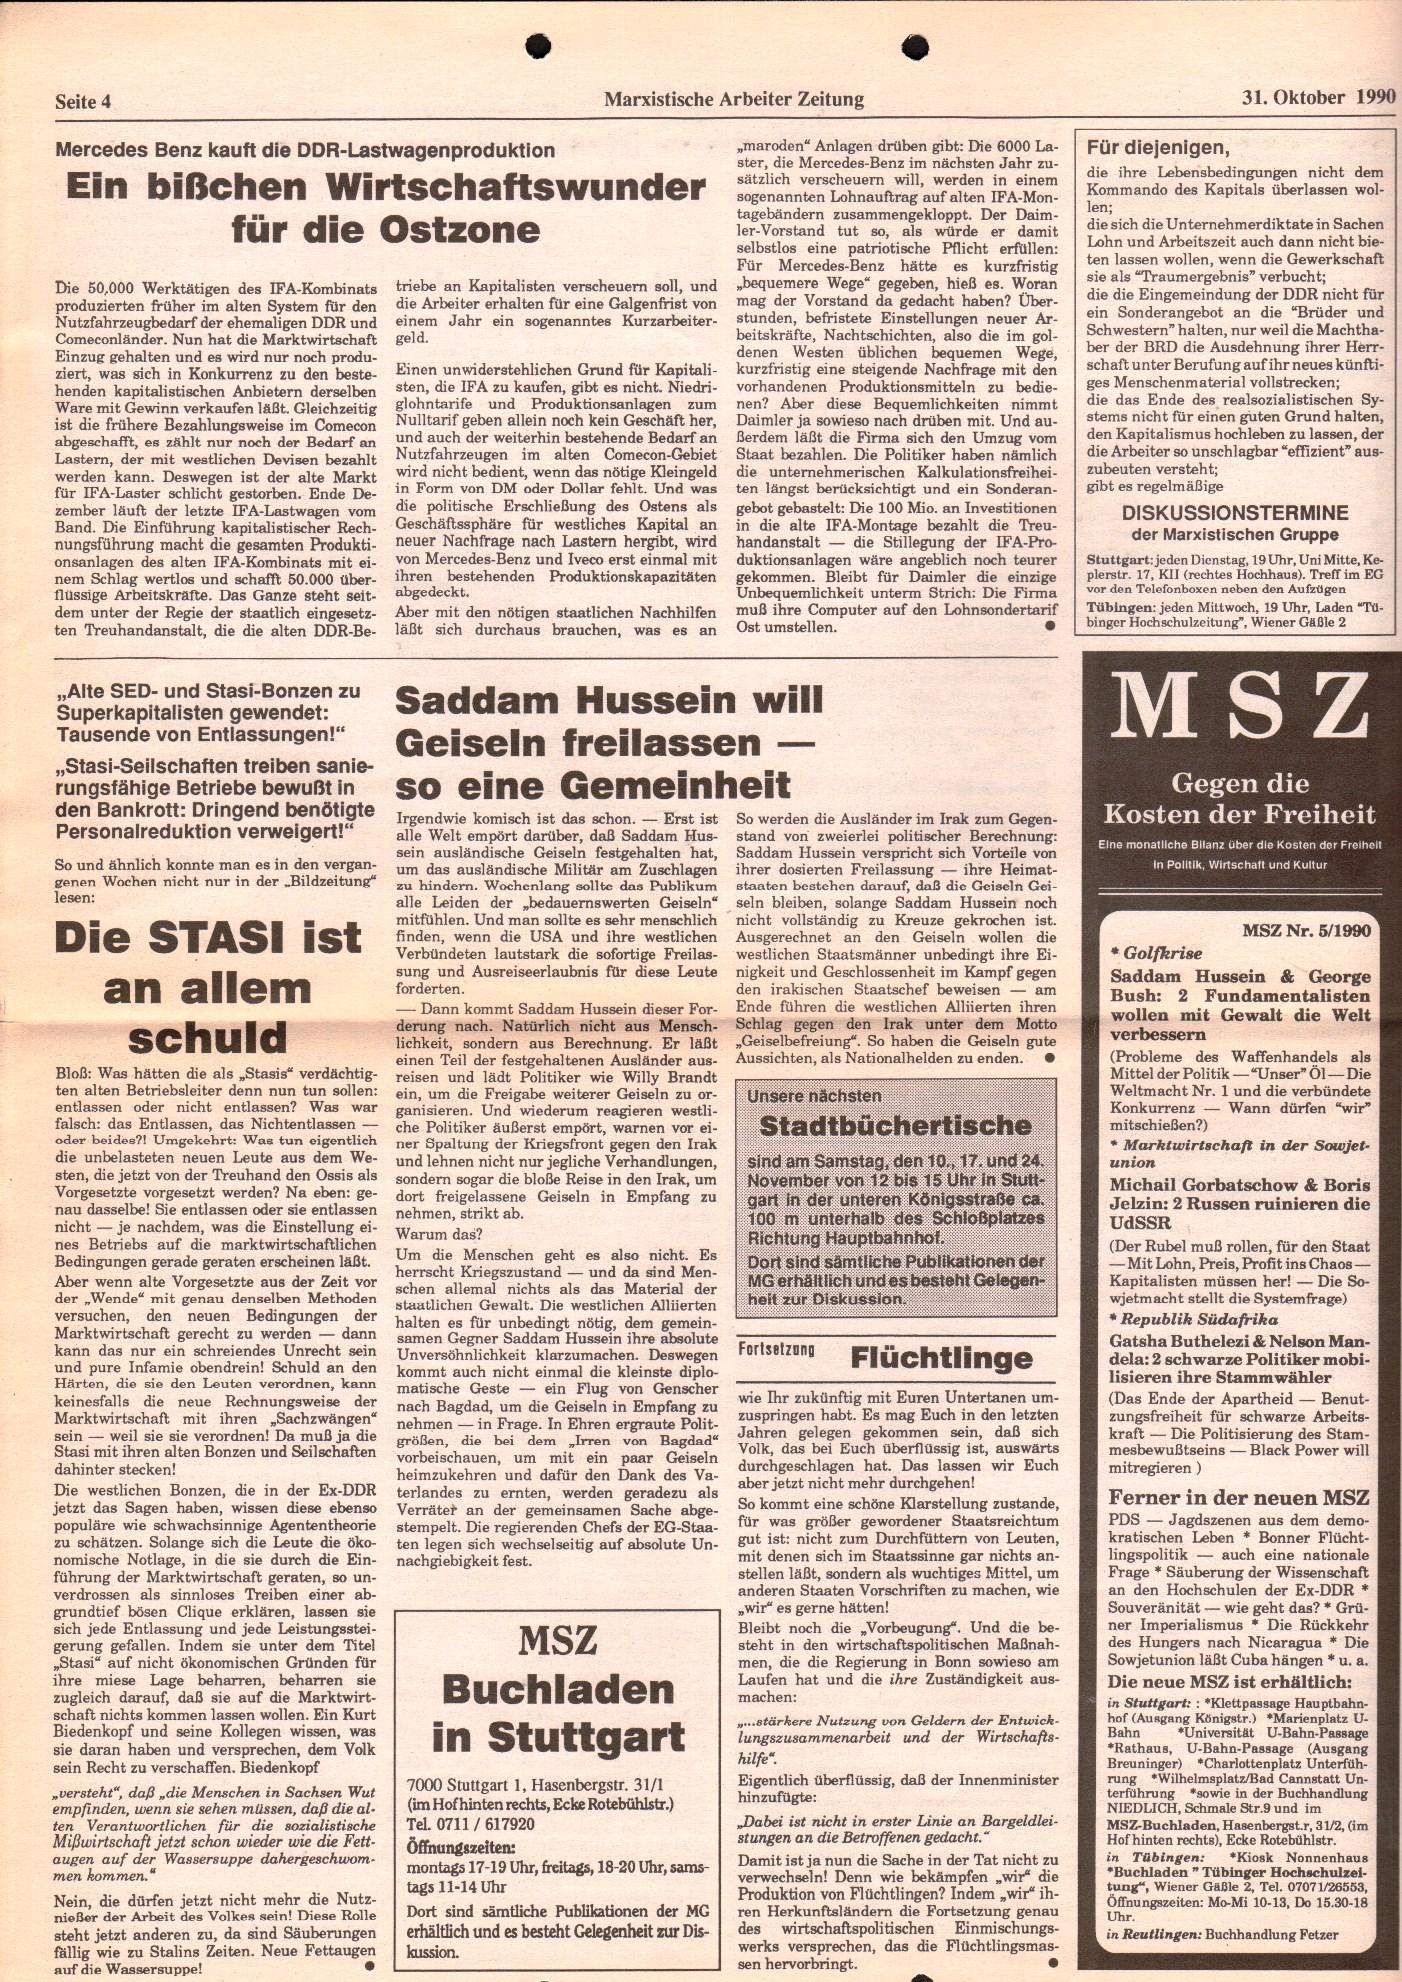 BW_MG_Marxistische_Arbeiterzeitung_19901031_04